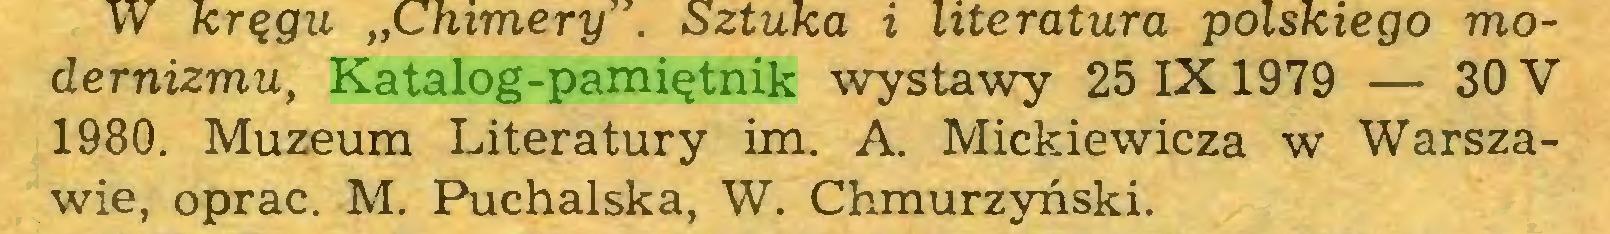 (...) dernizmu, Katalog-pamiętnik wystawy 25 IX 1979 — 30 V 1980. Muzeum Literatury im. A. Mickiewicza w Warszawie, oprać. M. Puchalska, W. Chmurzyński...